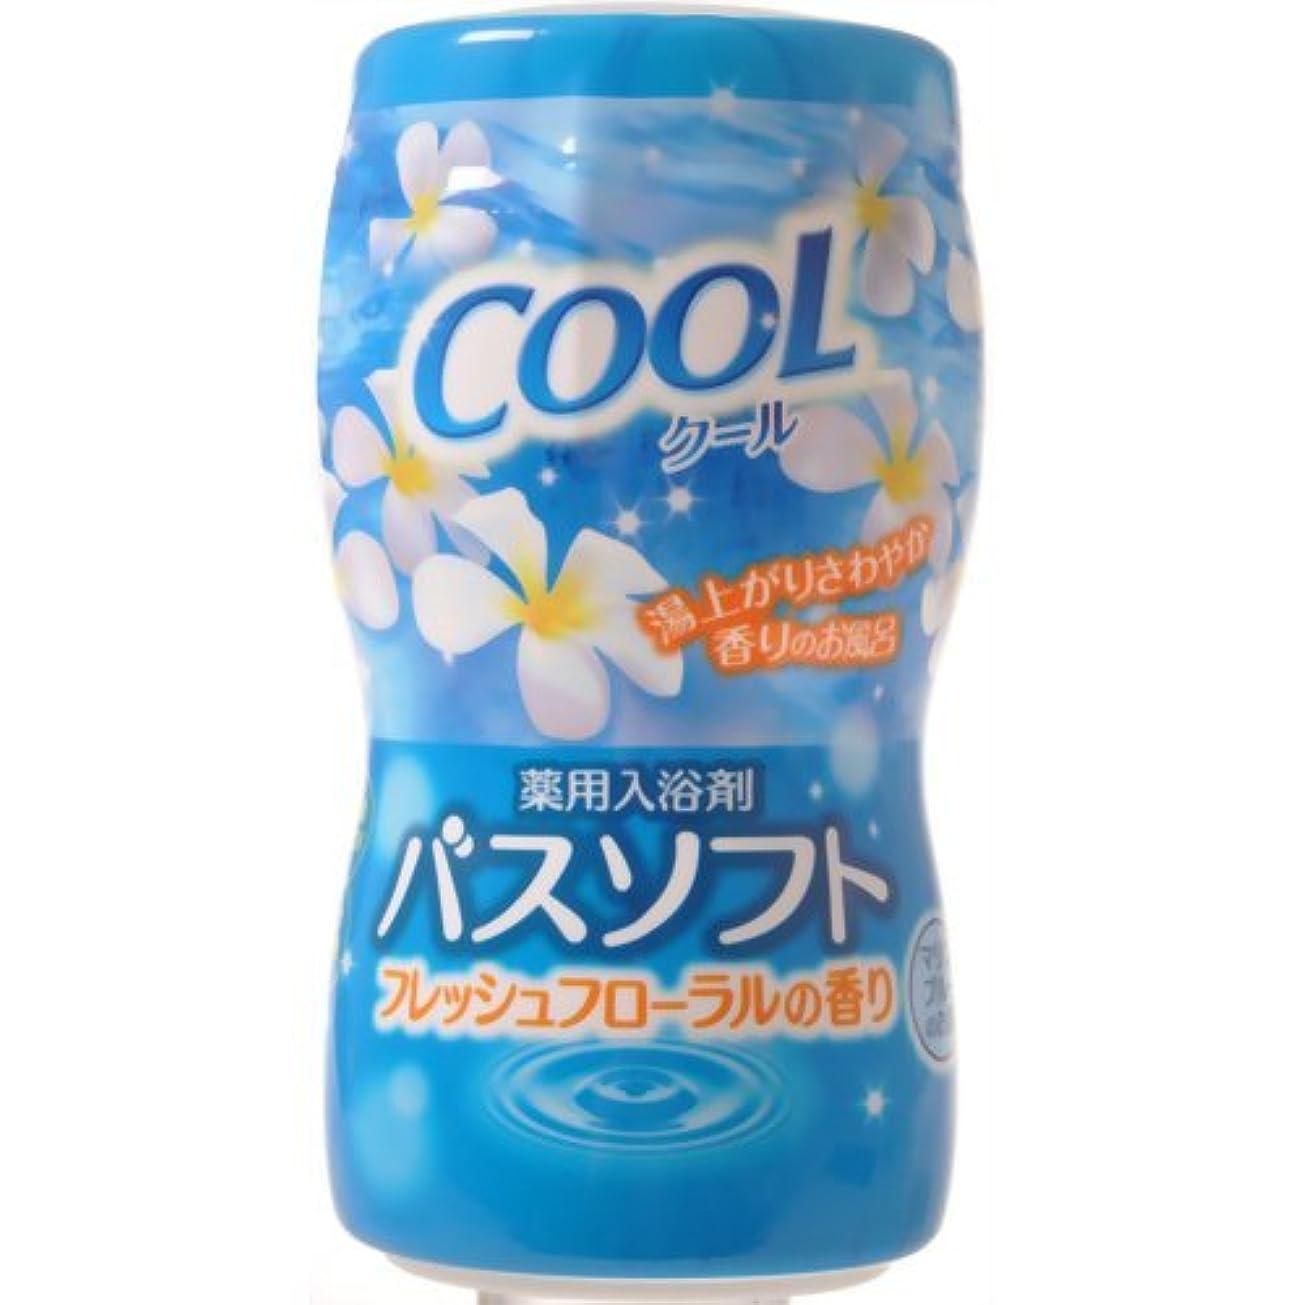 比類なき特派員避難【オカモト】薬用入浴剤バスソフト クール 700g